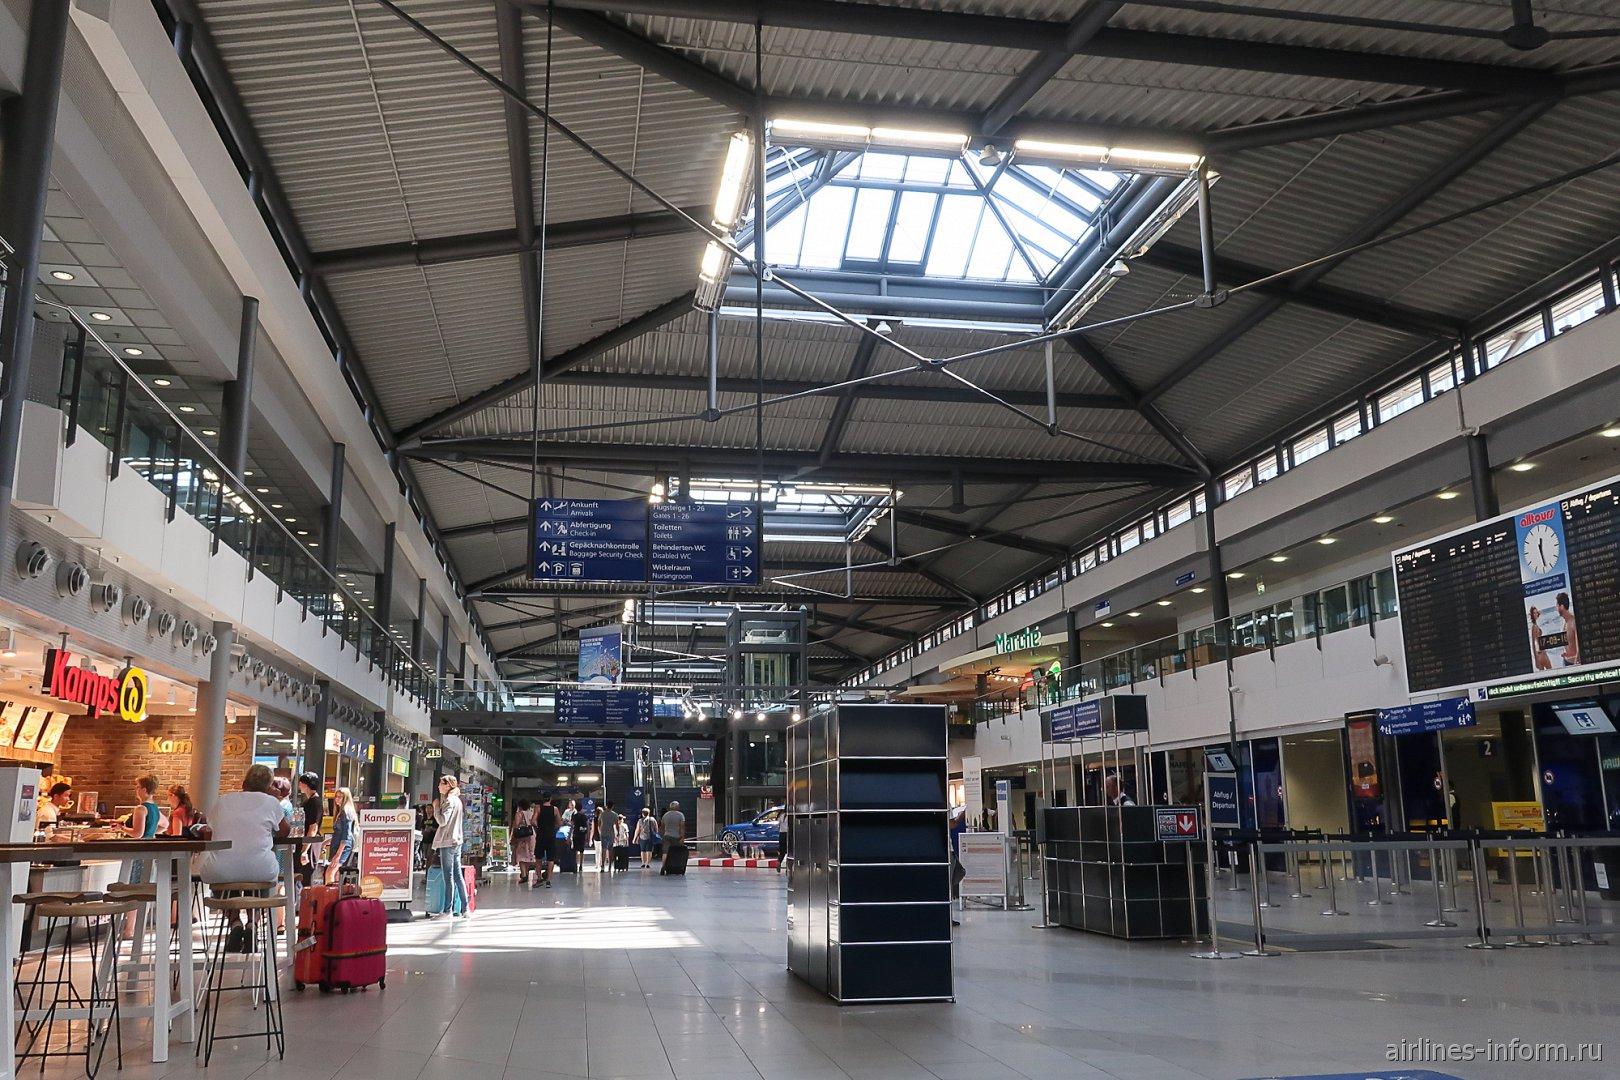 В терминале B аэропорта Лейпциг-Галле